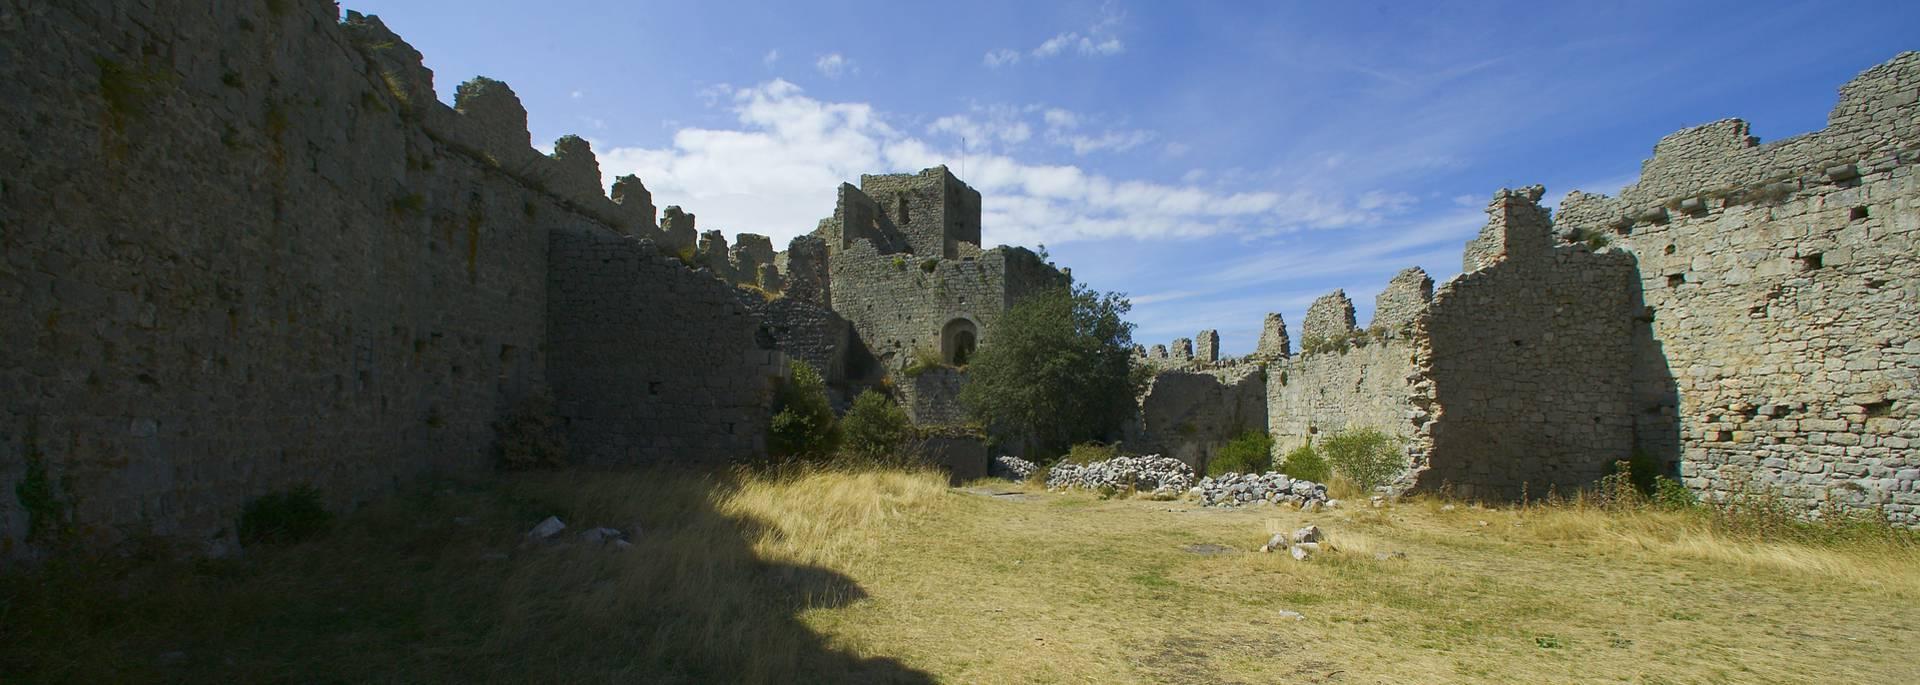 Le château de Puilaurens